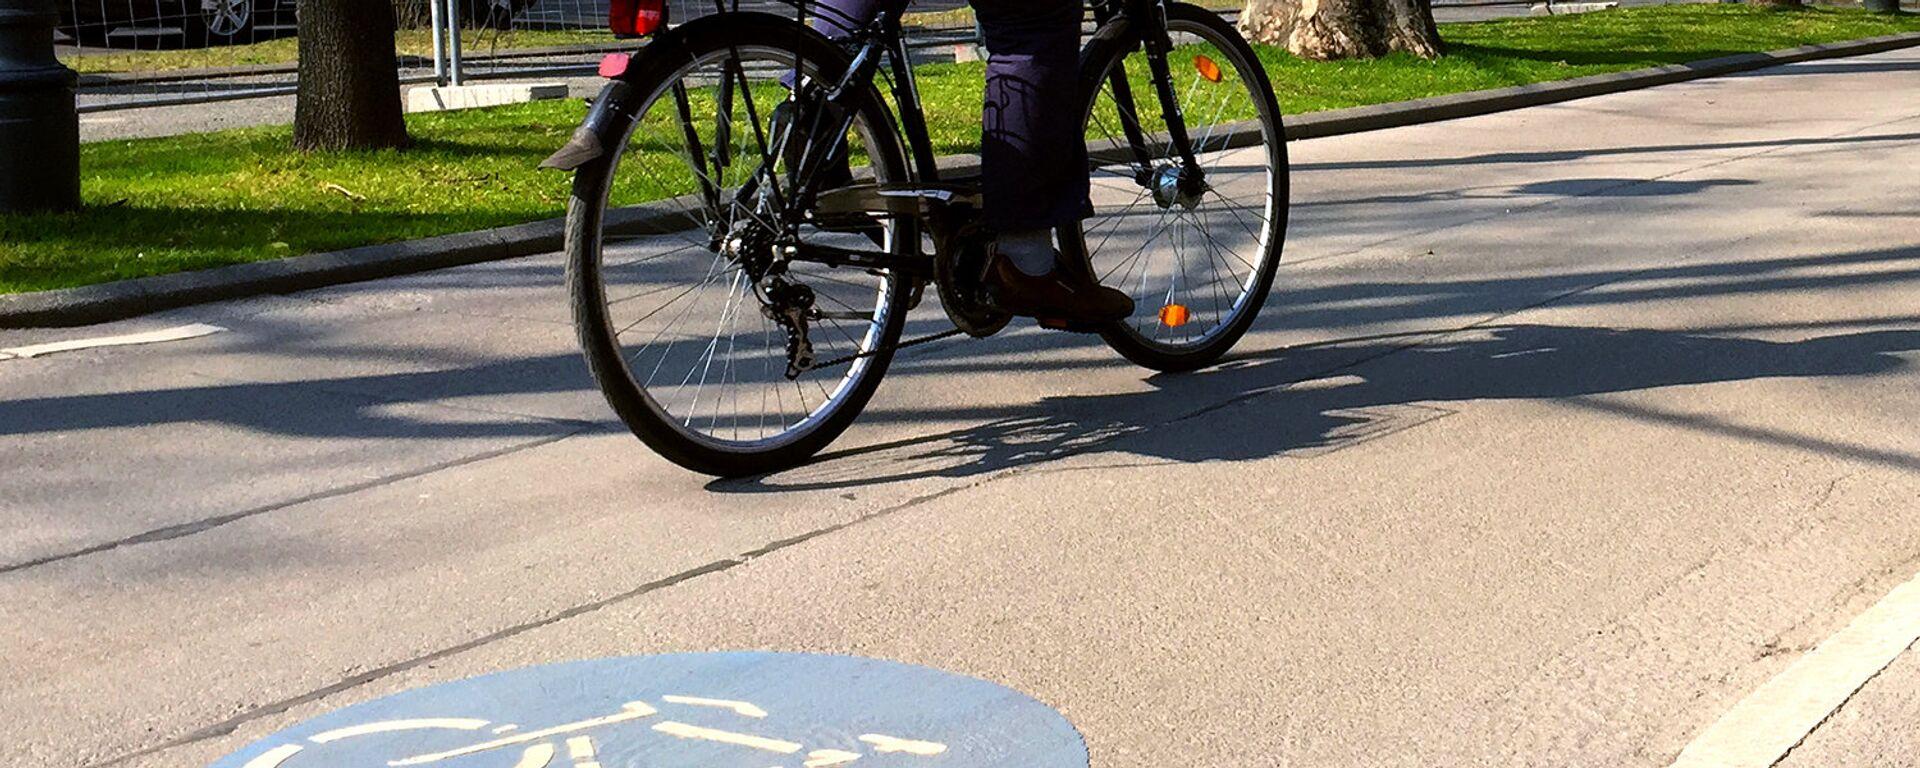 Велосипед на велодорожке - Sputnik Латвия, 1920, 05.08.2020